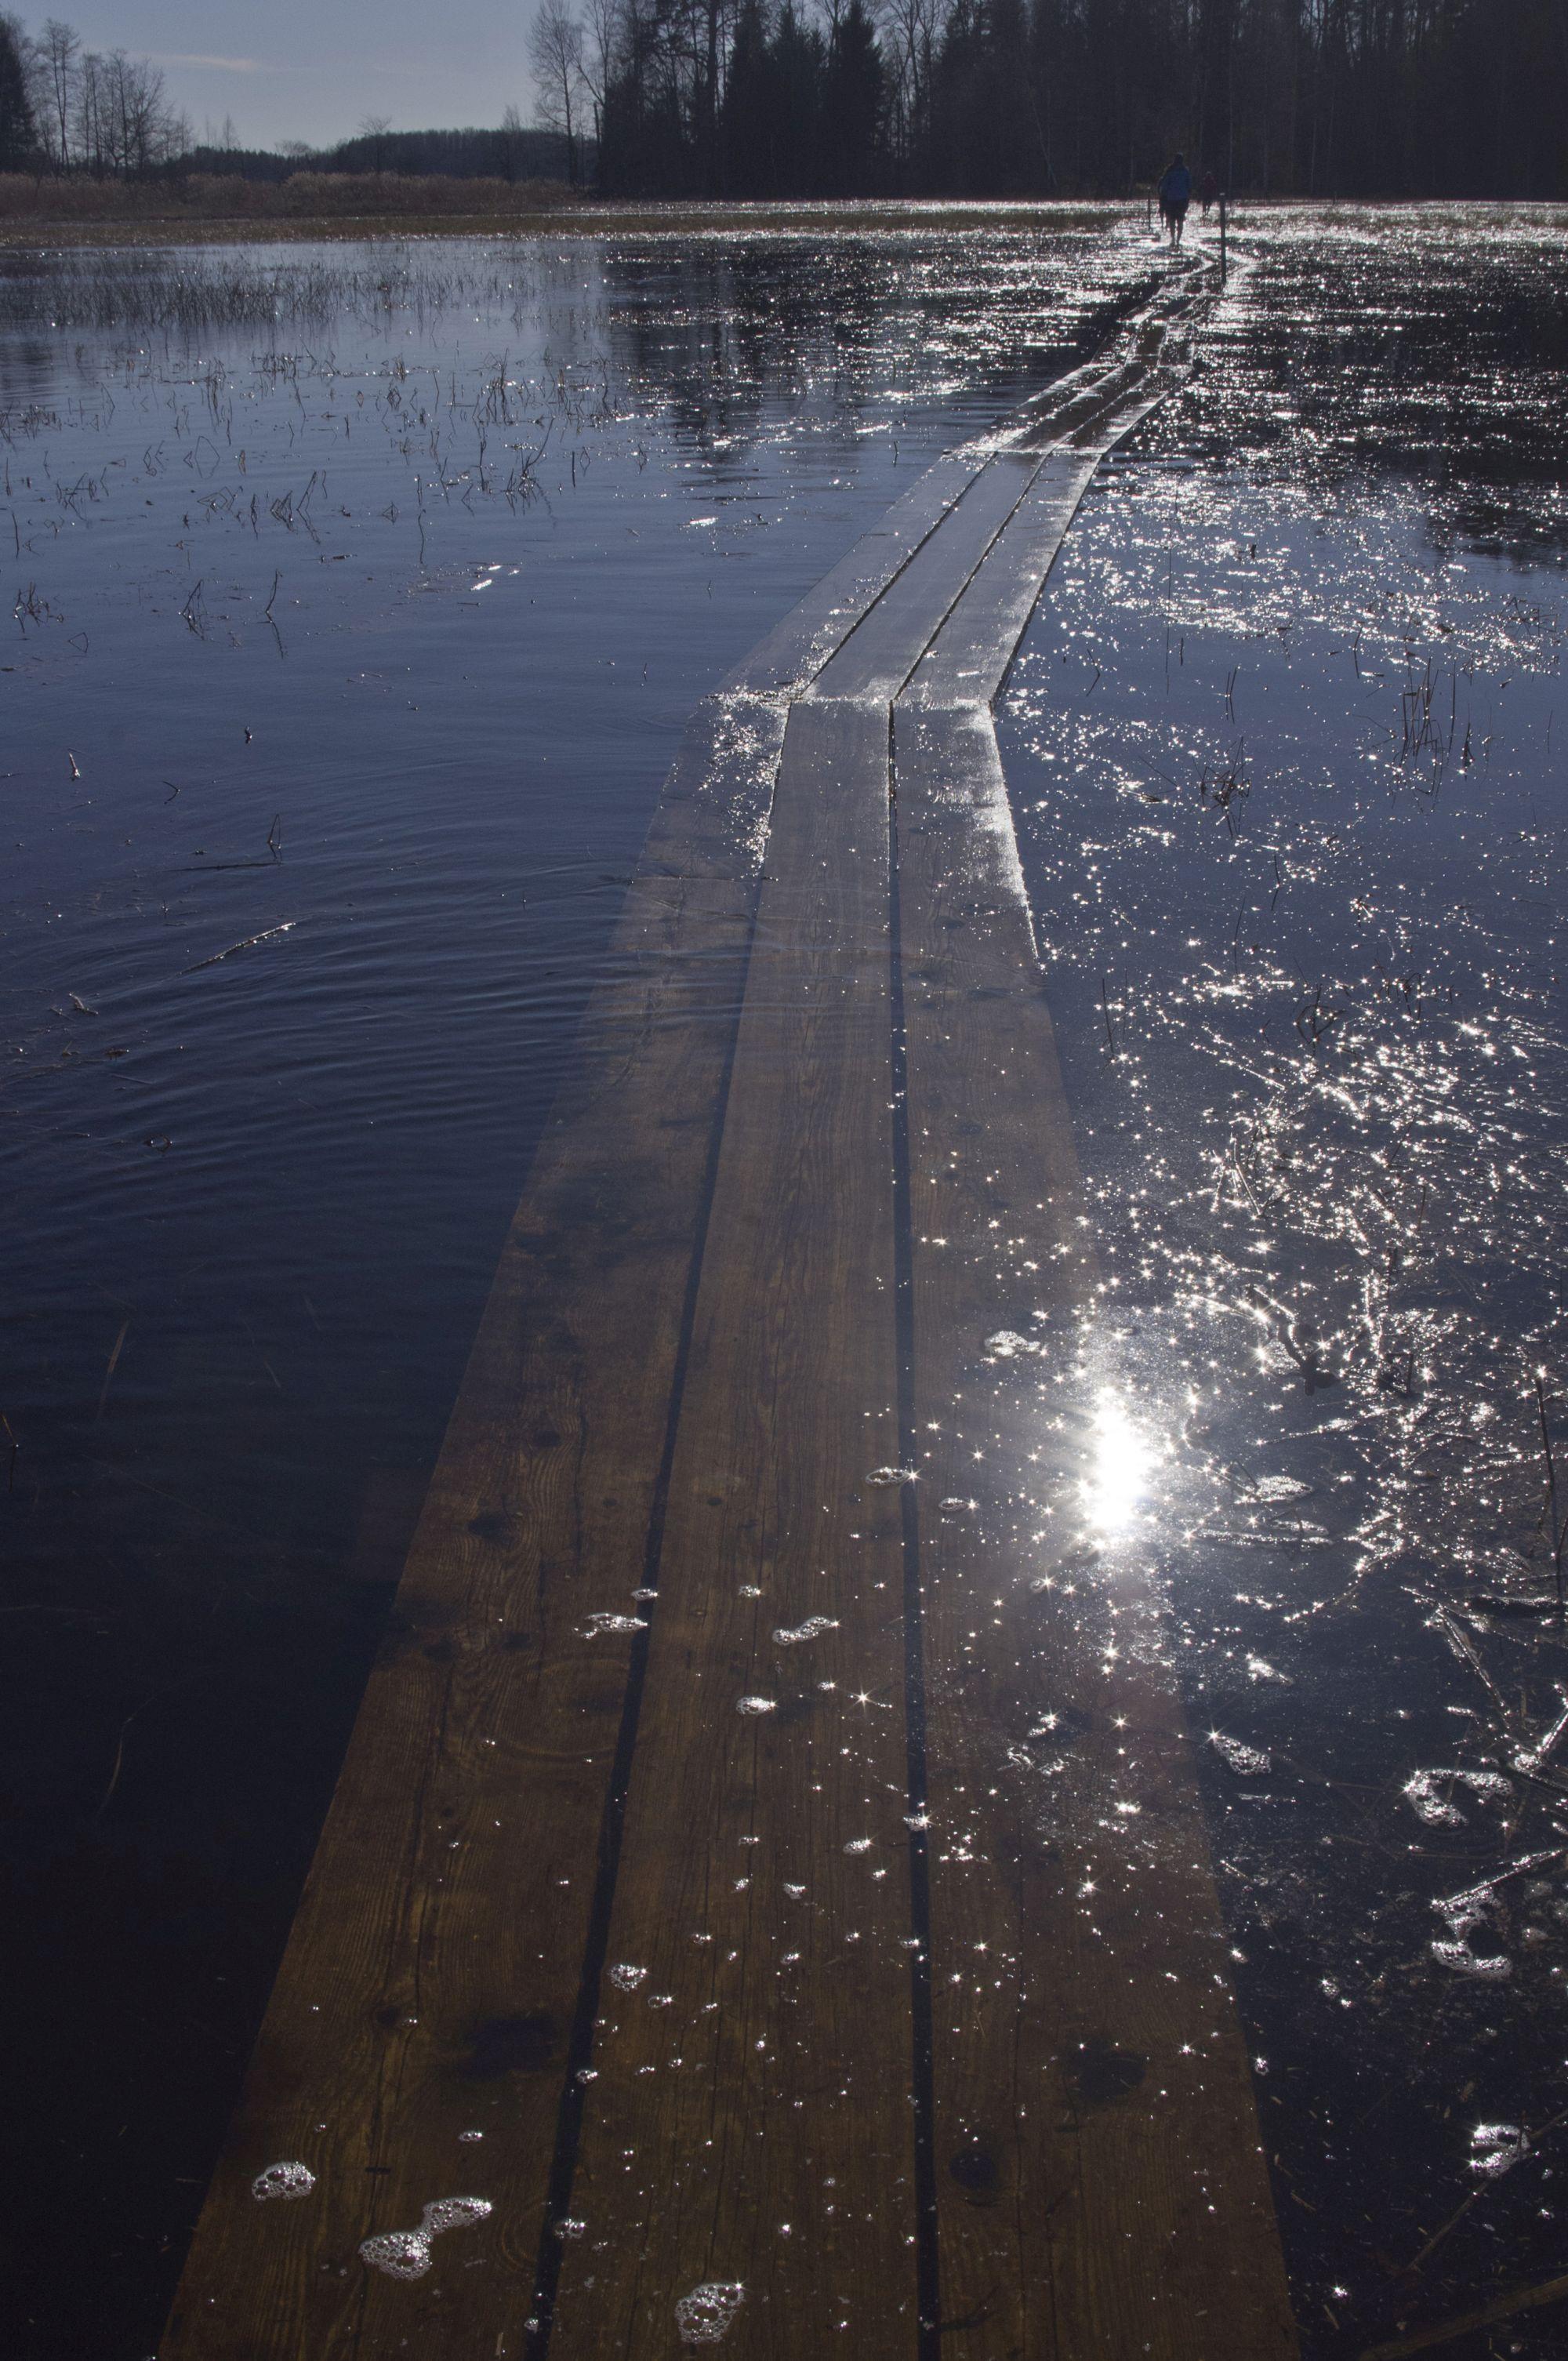 Sukeldunud laudteel sai kohati solberdada vaid pahkluudeni ulatuvas vees, samas kui teisal ulatus järvevesi põlvedeni. Foto: Kadri Prants.